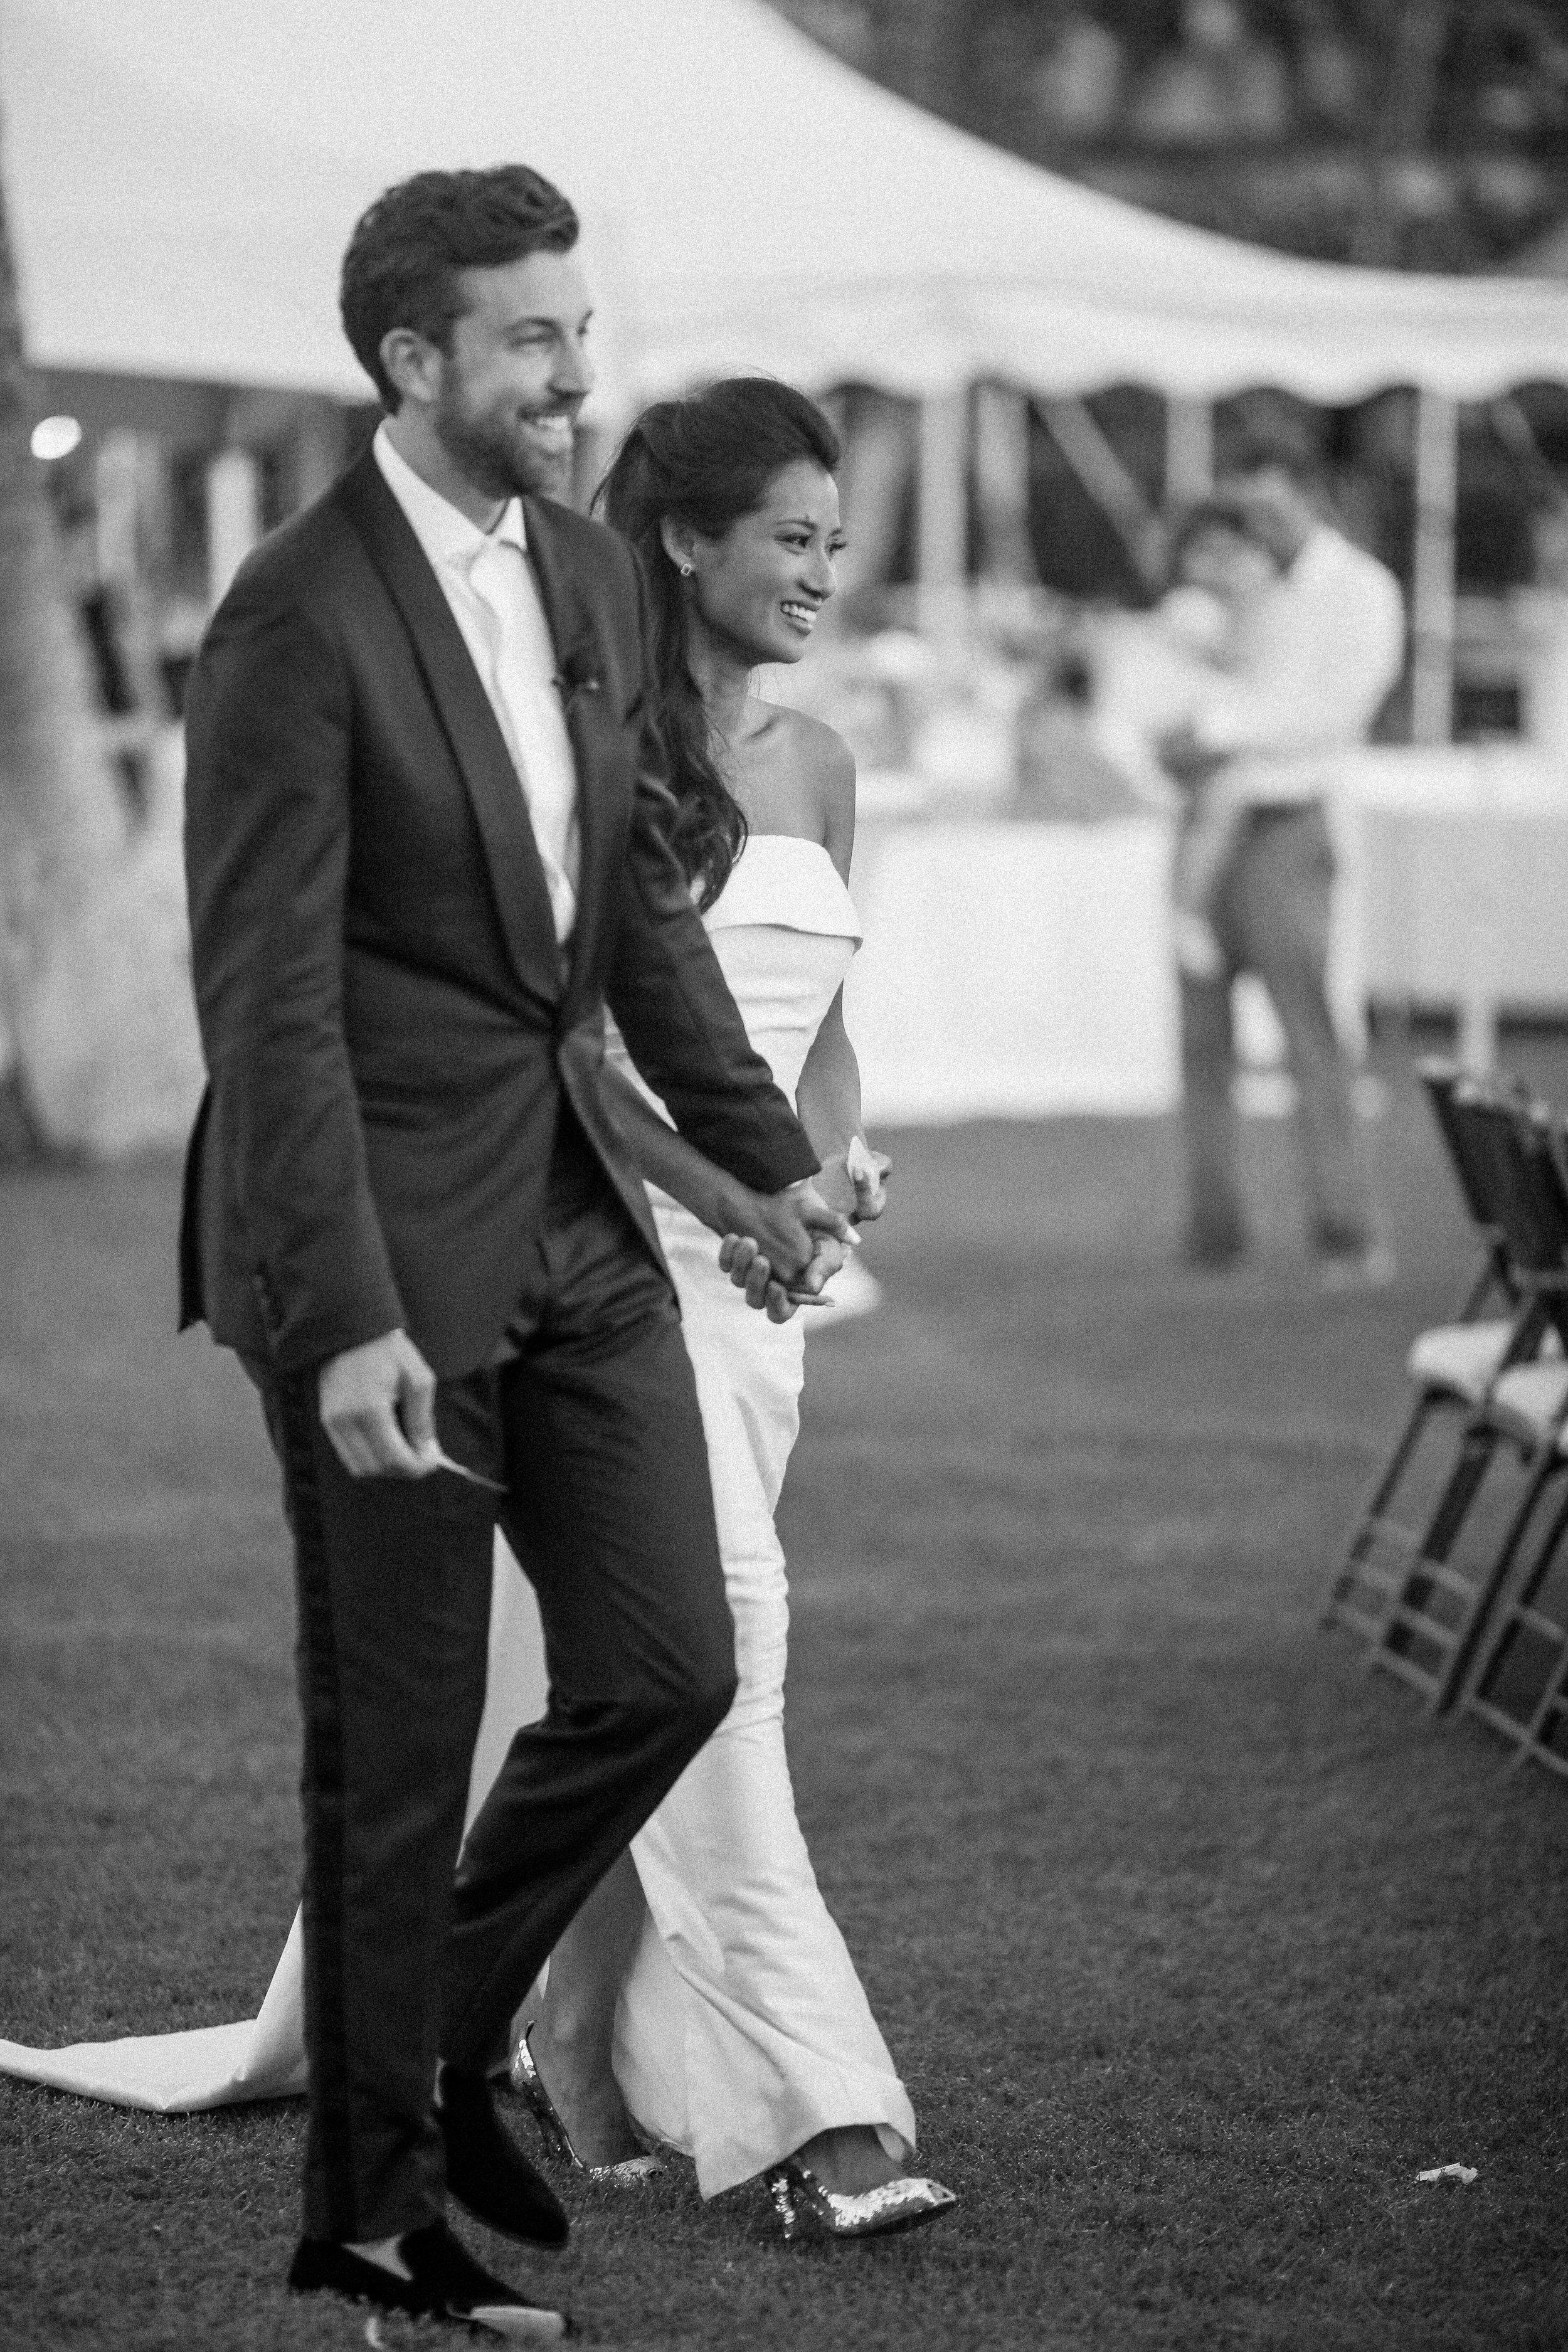 wedding20184M3A2194.jpg